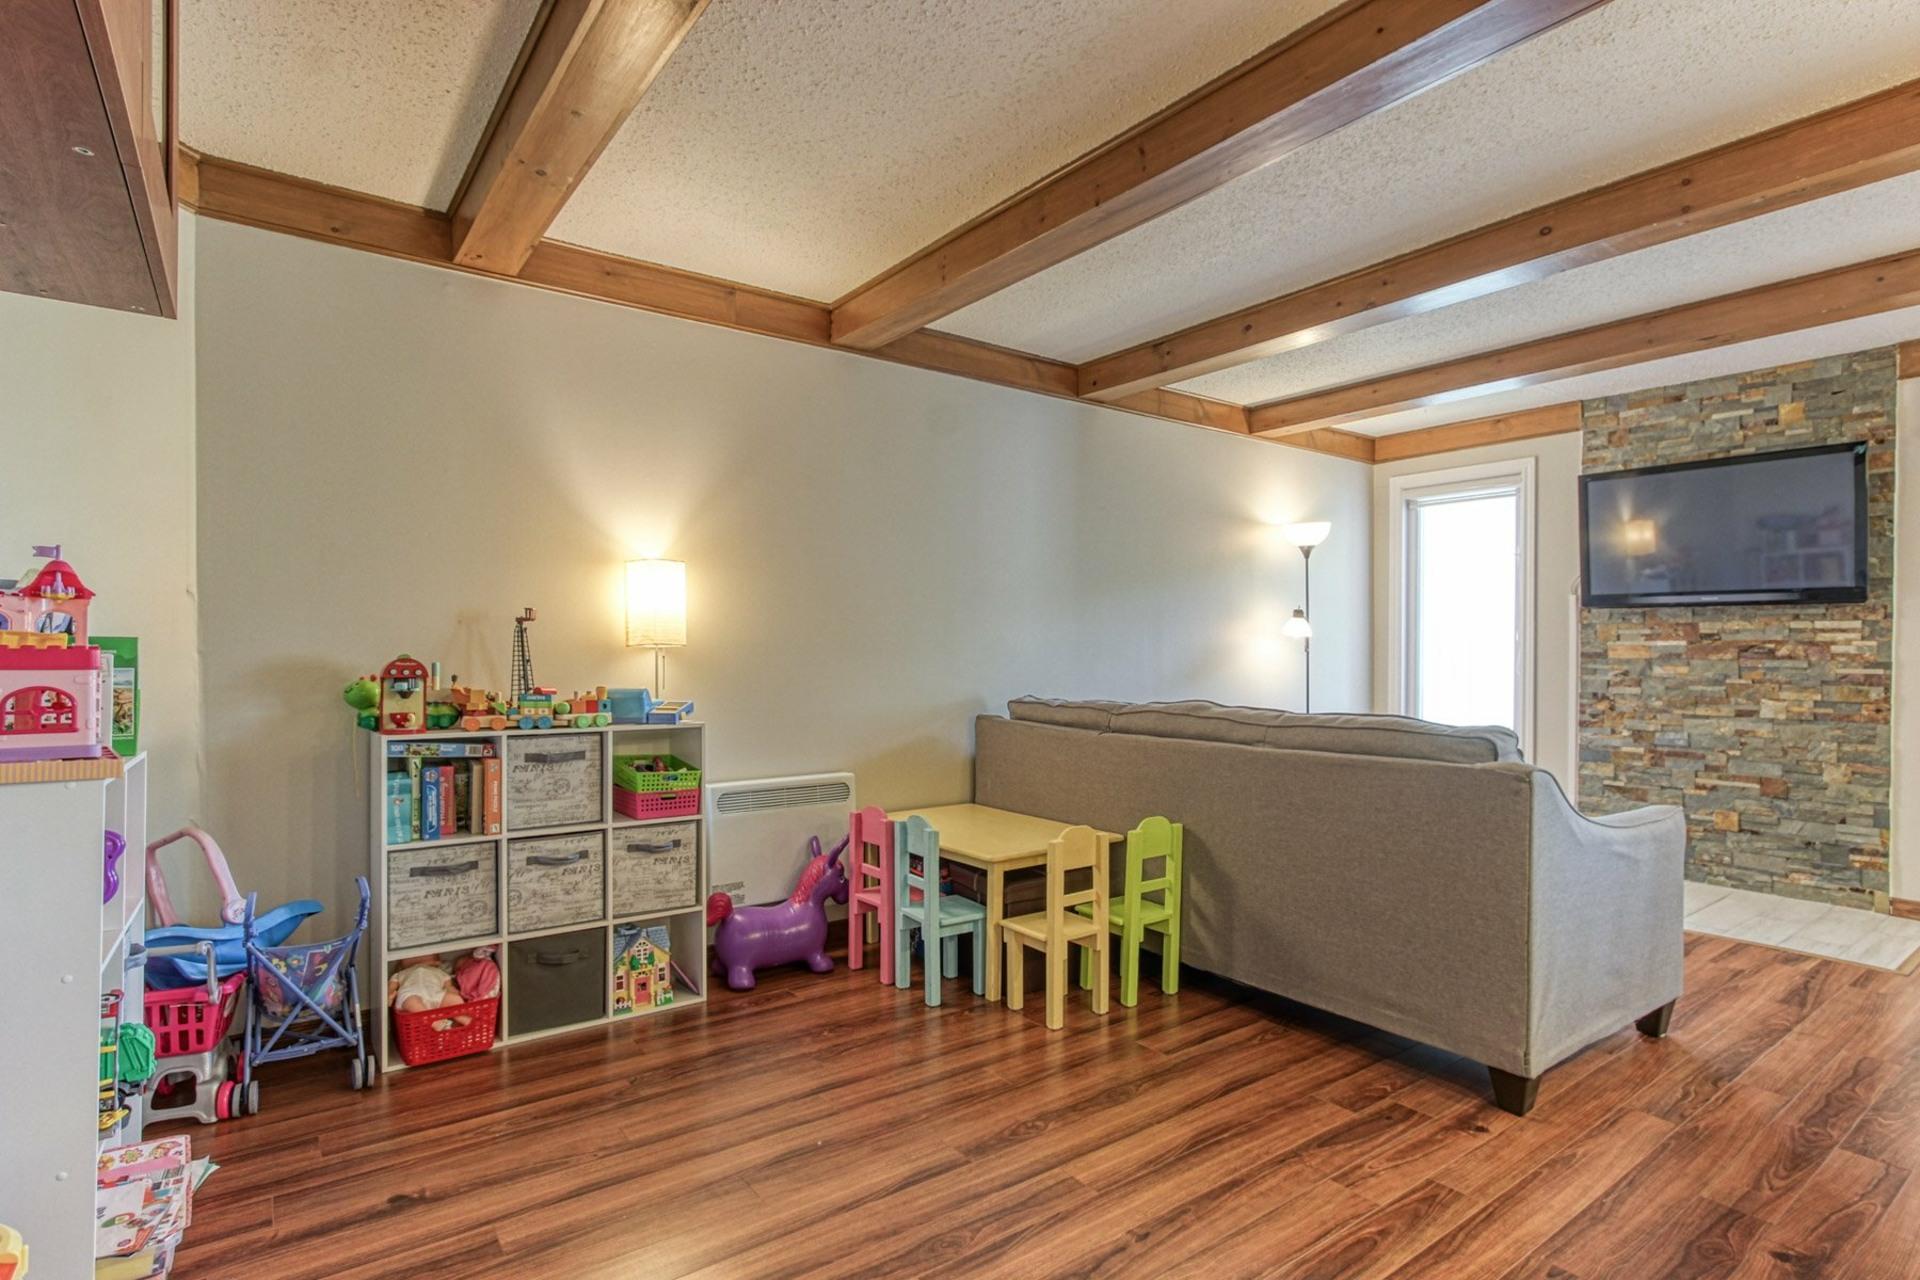 image 20 - Apartment For sale Trois-Rivières - 8 rooms